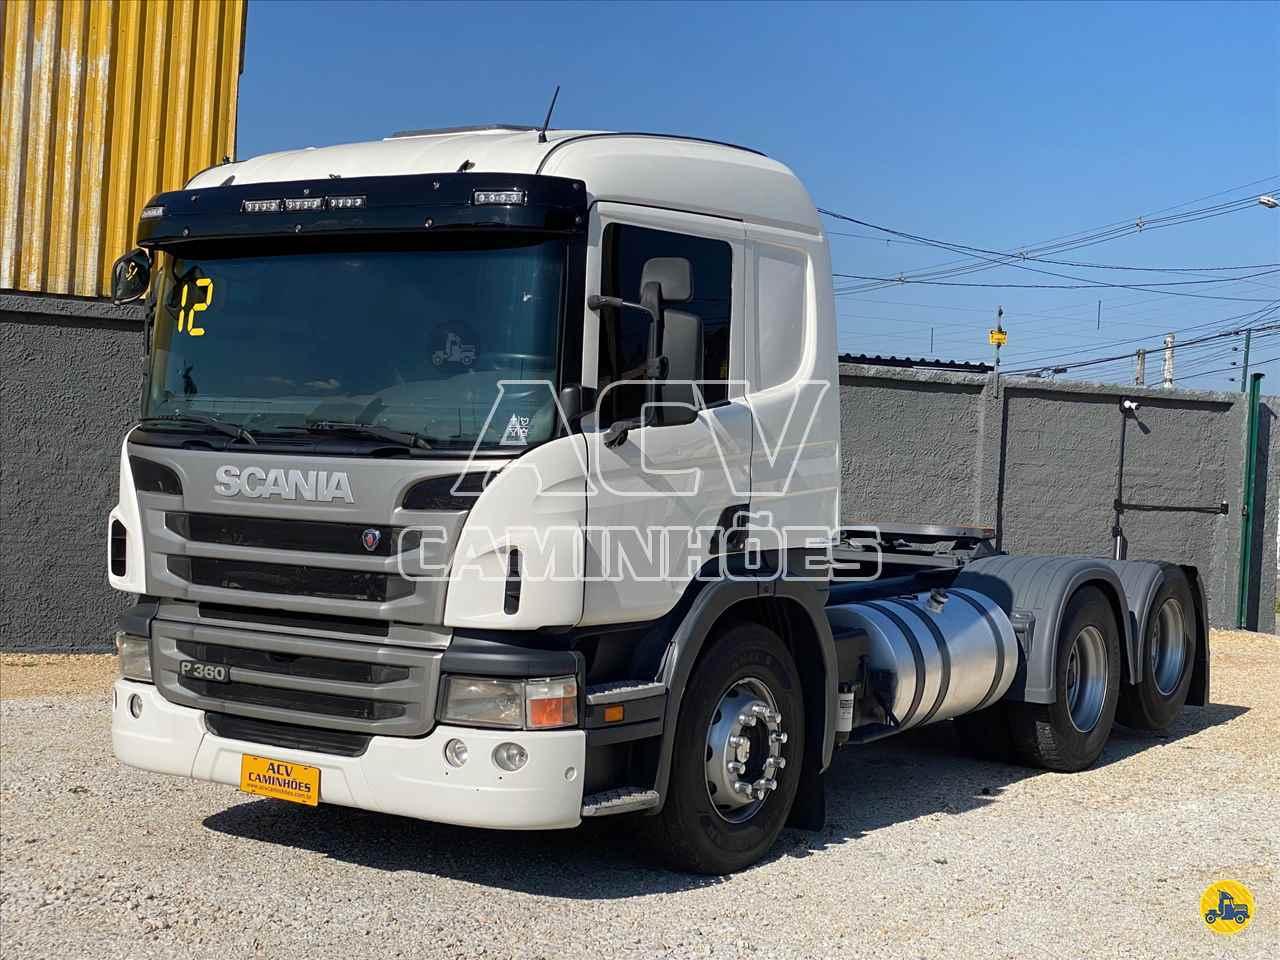 CAMINHAO SCANIA SCANIA 360 Cavalo Mecânico Truck 6x2 ACV Caminhões CURITIBA PARANÁ PR